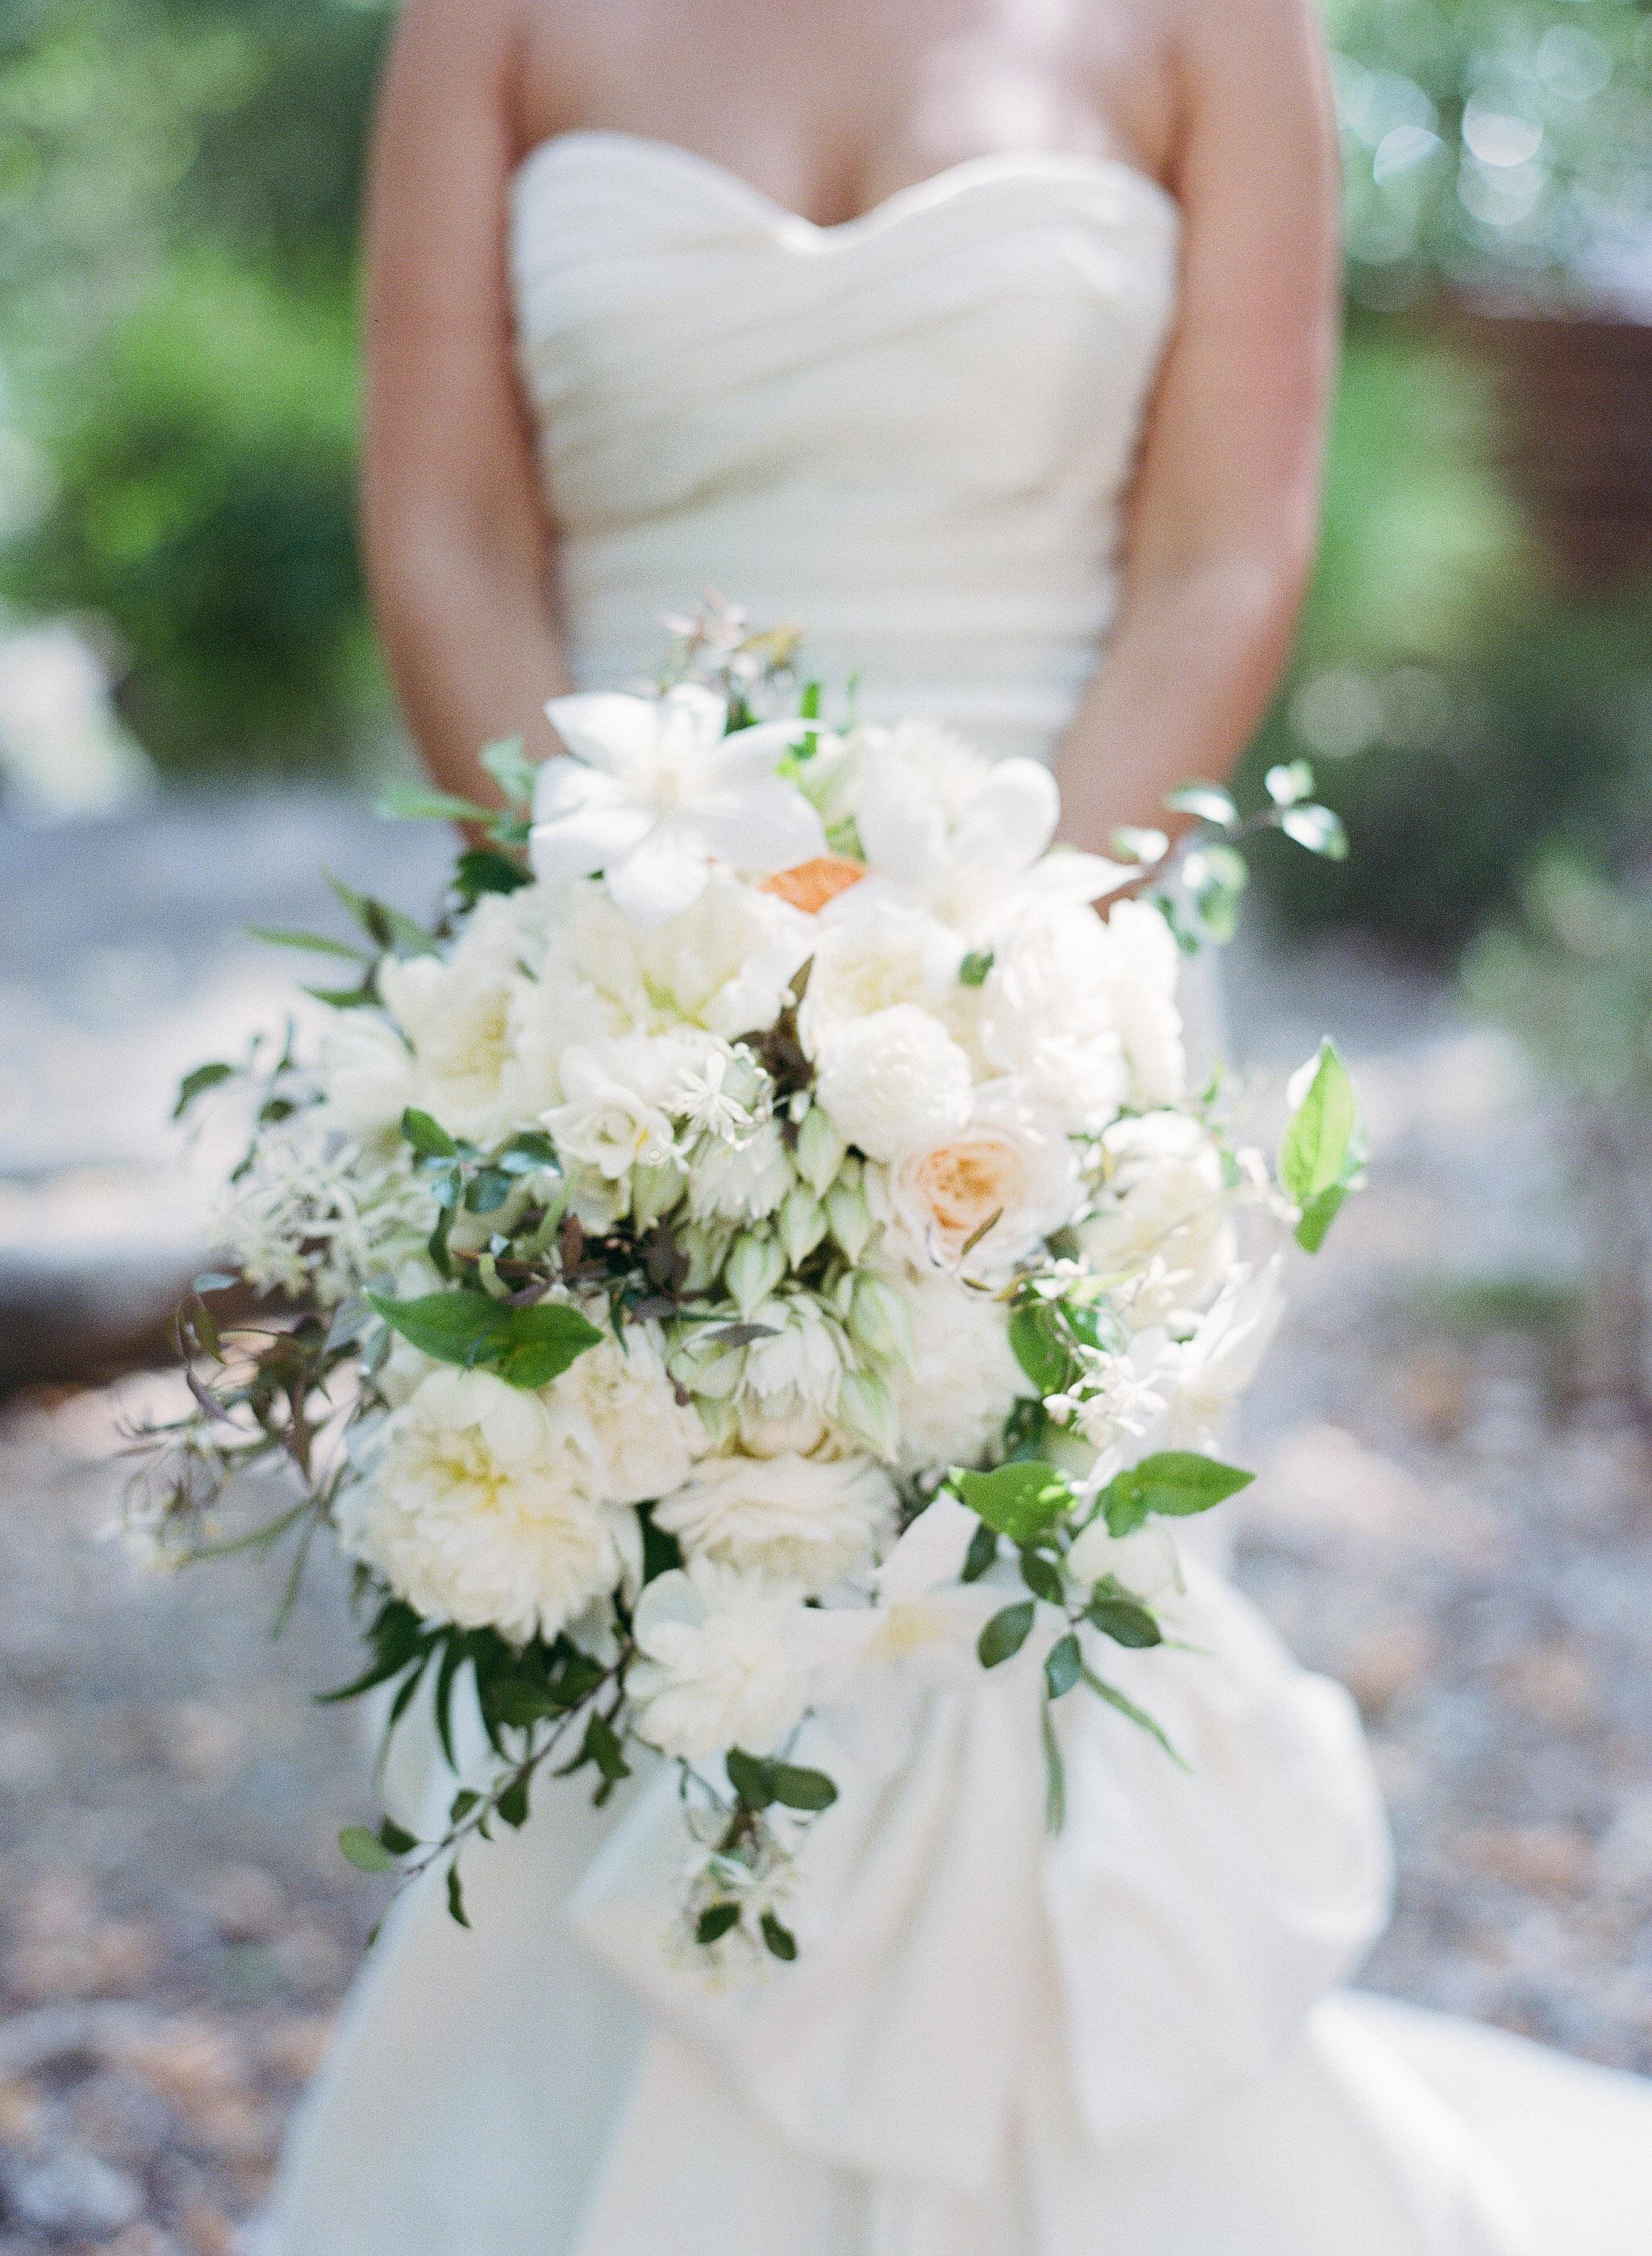 SylvieGil-Bride, Ceremony, Family, film, Groom, Napa, Reception, Wedding, Wedding Party-14.jpg